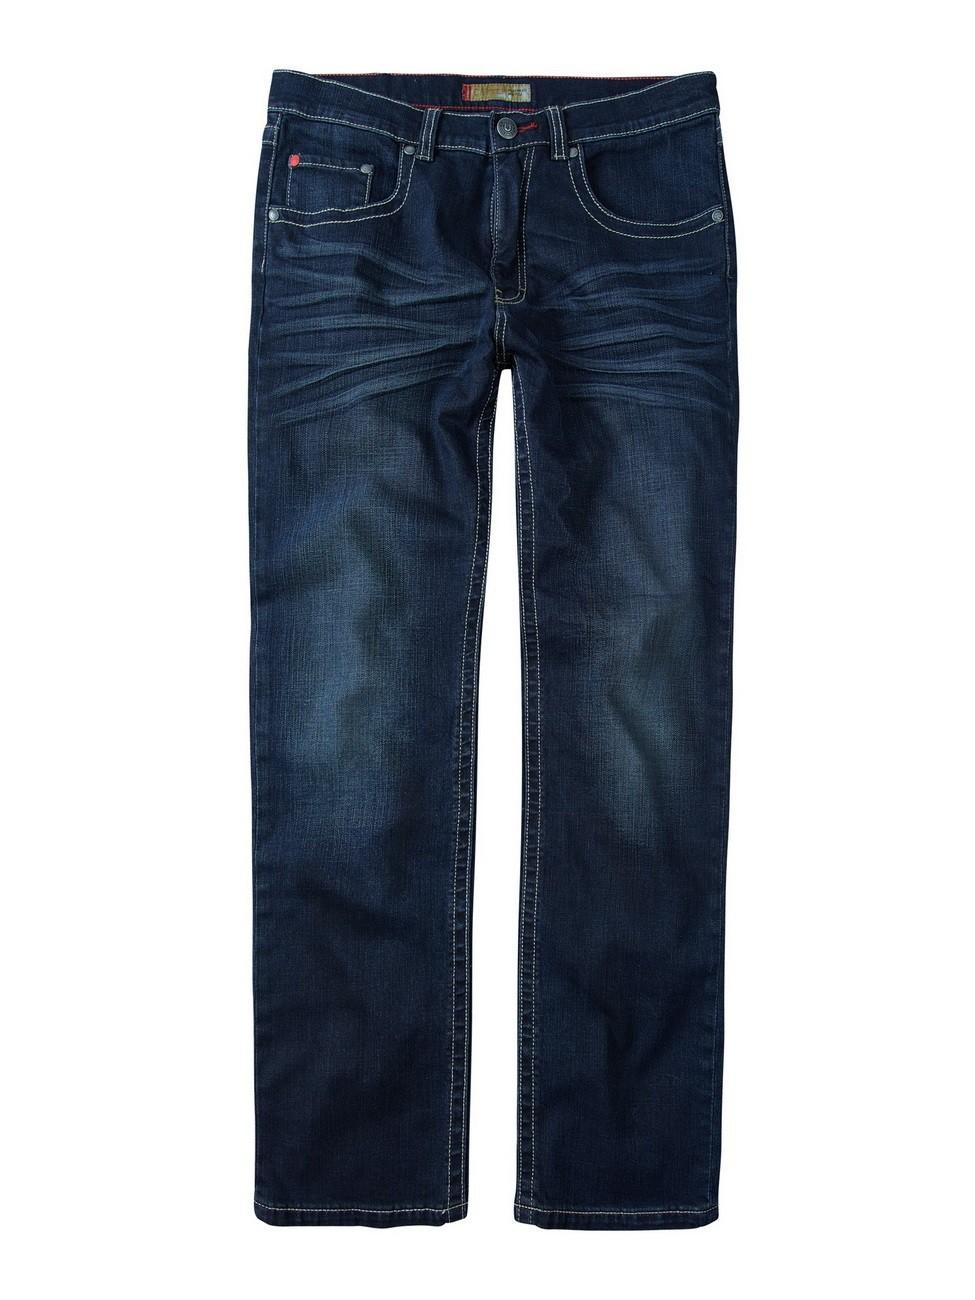 paddock s herren jeans carter regular fit blau blue black stone used ebay. Black Bedroom Furniture Sets. Home Design Ideas